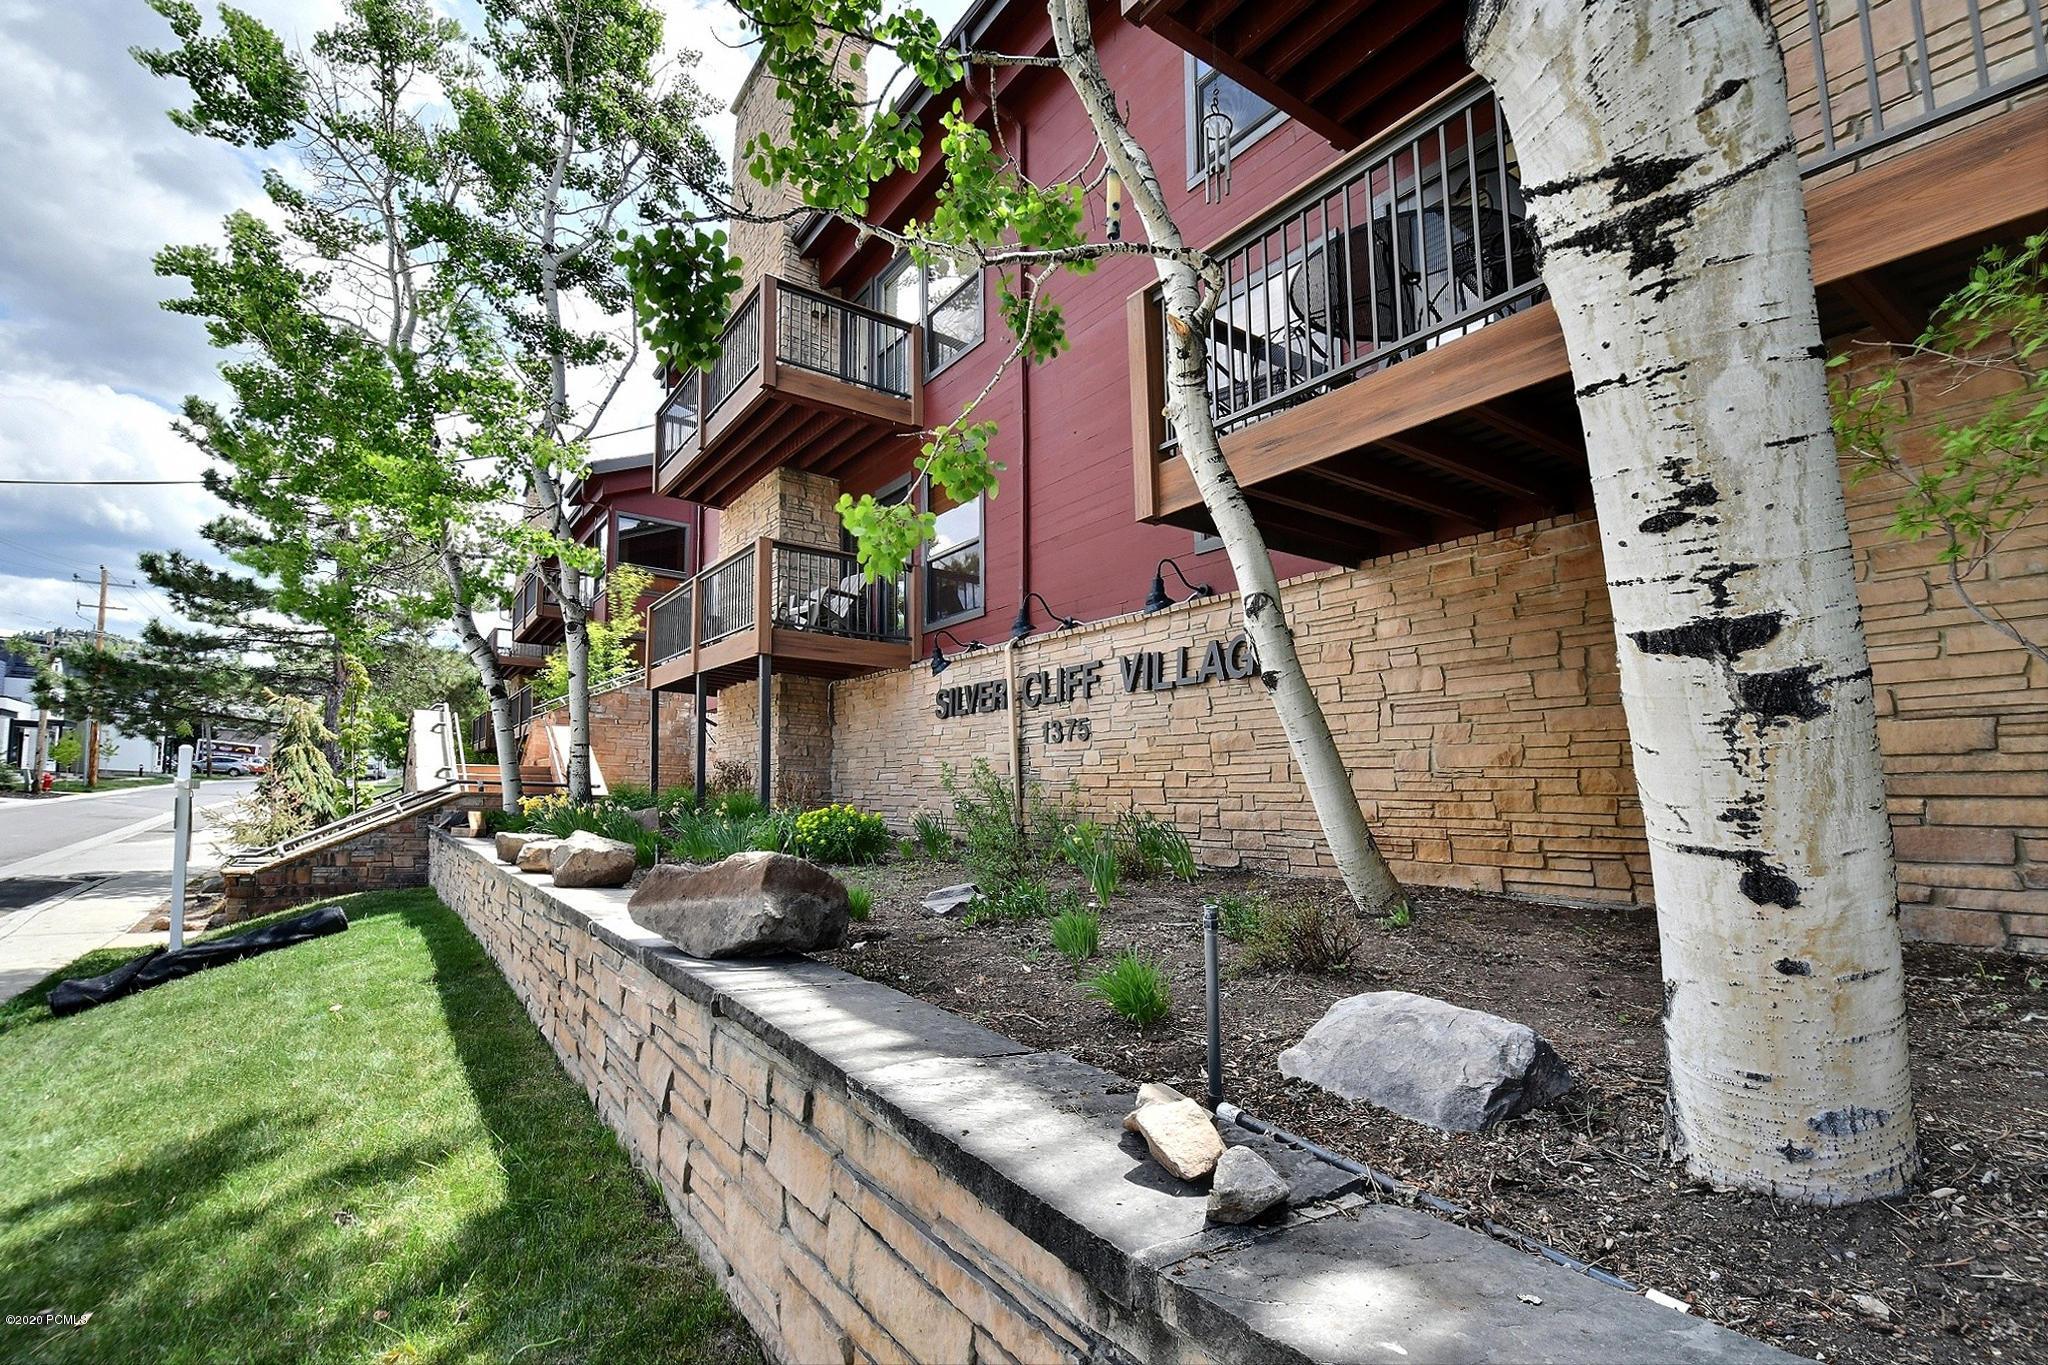 1375 Woodside Avenue, Park City, Utah 84060, 2 Bedrooms Bedrooms, ,2 BathroomsBathrooms,Condominium,For Sale,Woodside,12003010